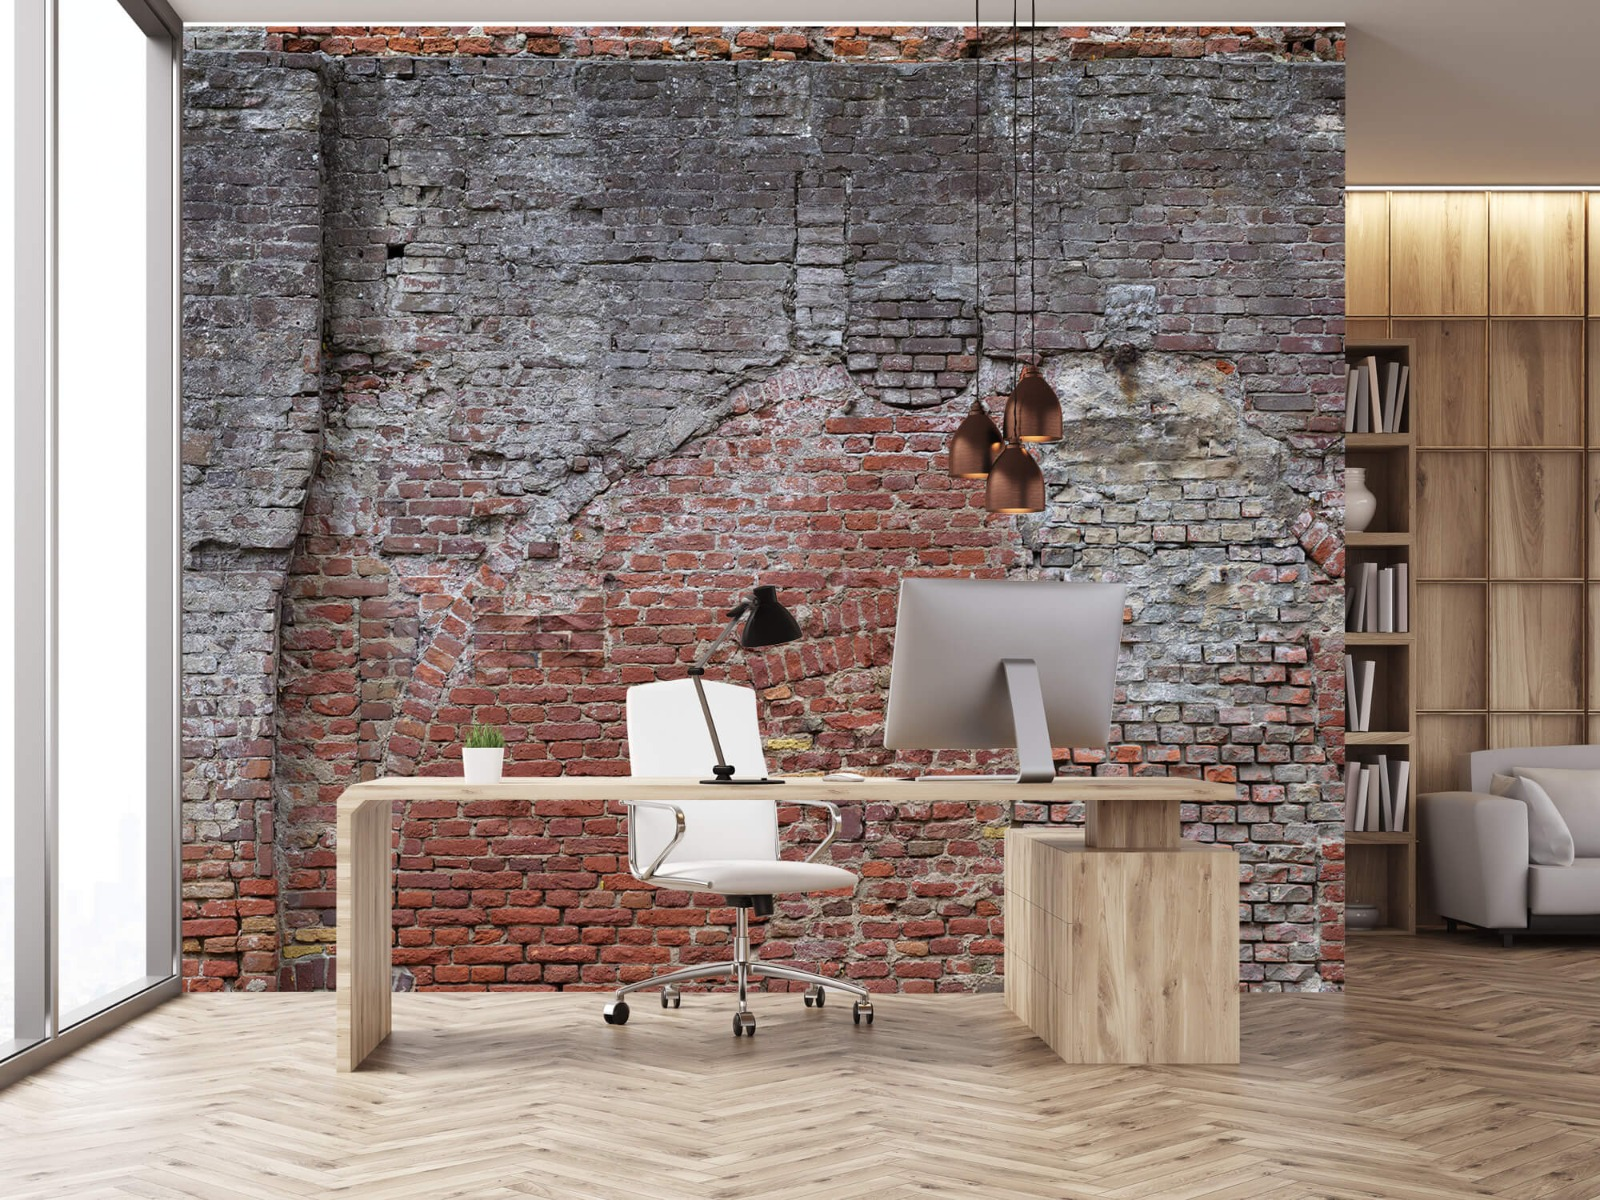 Steen behang - Oude herstelde stadsmuur - Tienerkamer 23